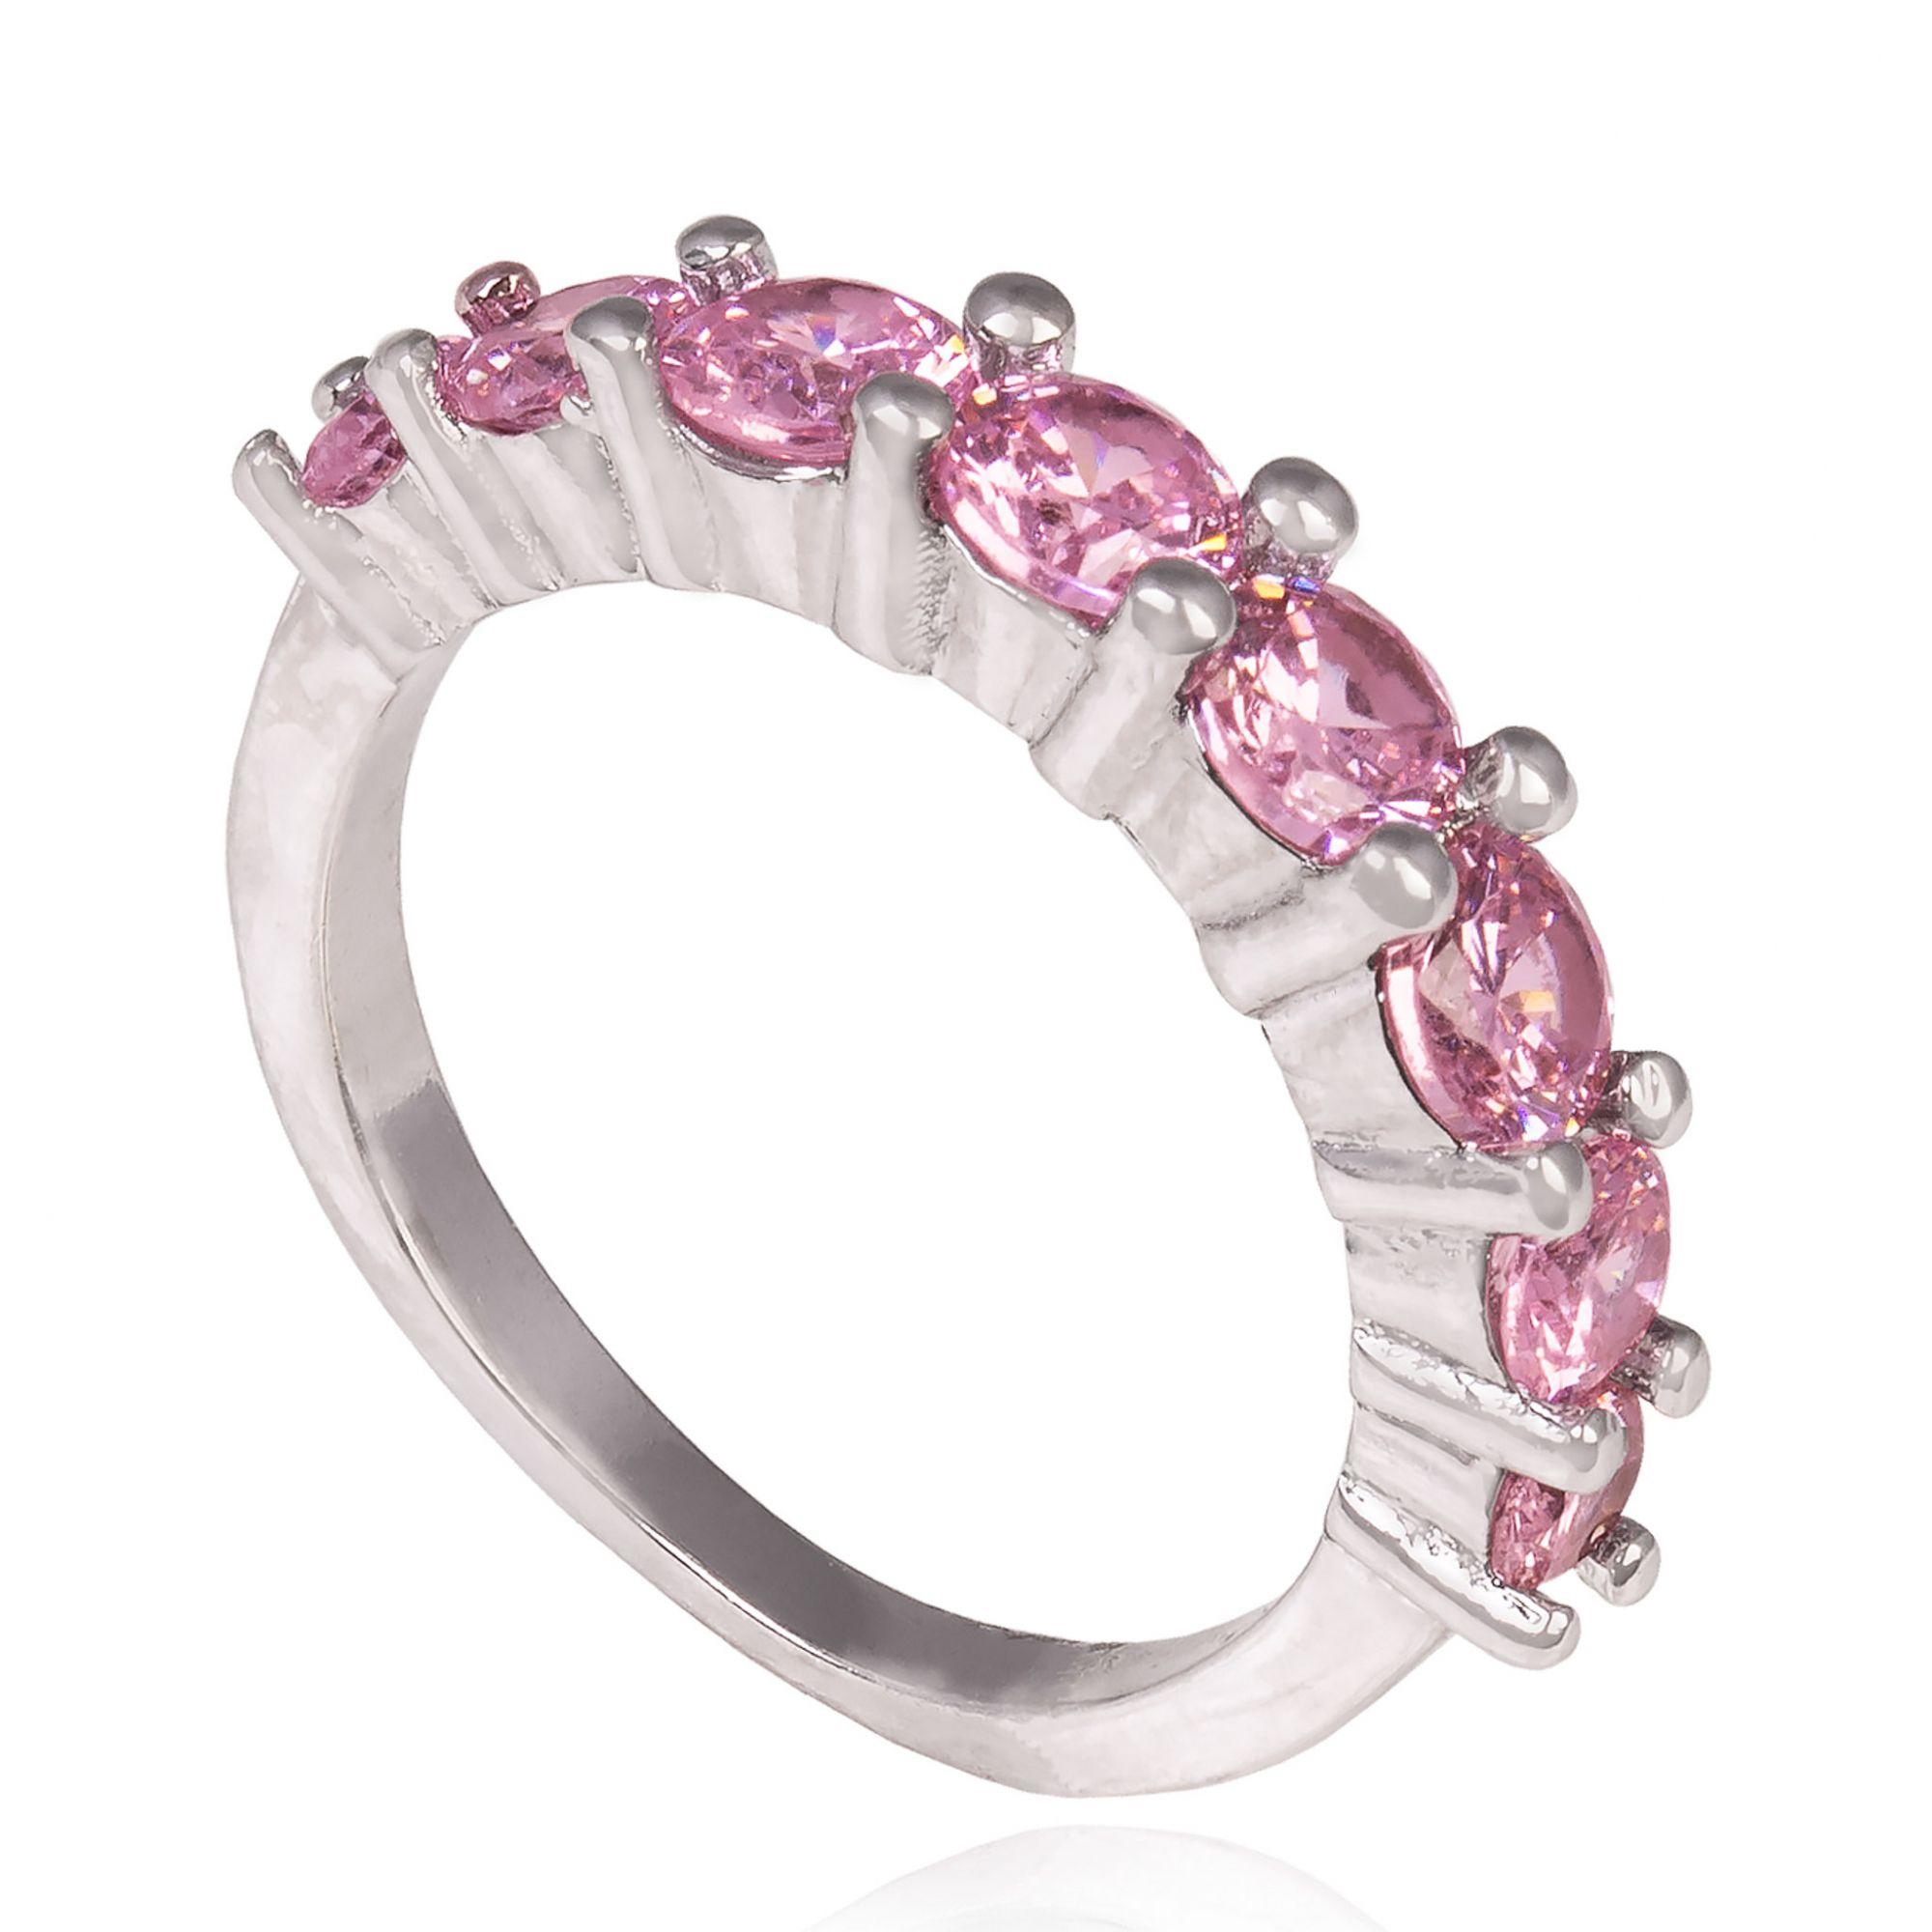 Anel com zircônias cor de rosa banho de ródio branco.  - romabrazil.com.br